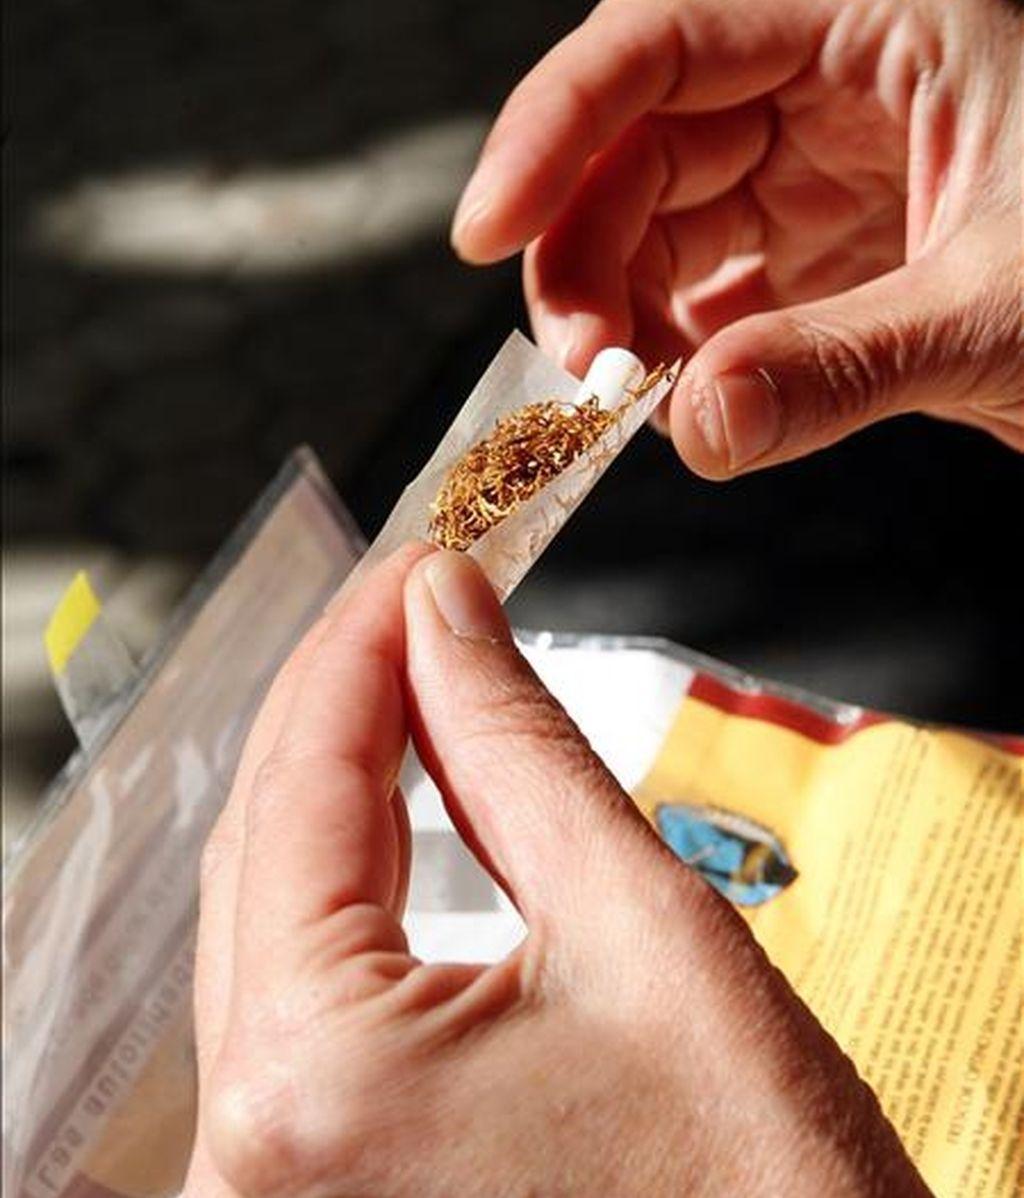 Las ventas de tabaco de liar han experimentado en España un espectacular aumento de más del 60 por ciento en los últimos ocho meses, tendencia que unos consumidores explican por su precio más barato que las cajetillas, mientras que otros argumentan que algunas marcas sin aditivos son menos nocivas que los cigarrillos. En la imagen, una mujer lía un cigarro. EFE/Javier Etxezarreta